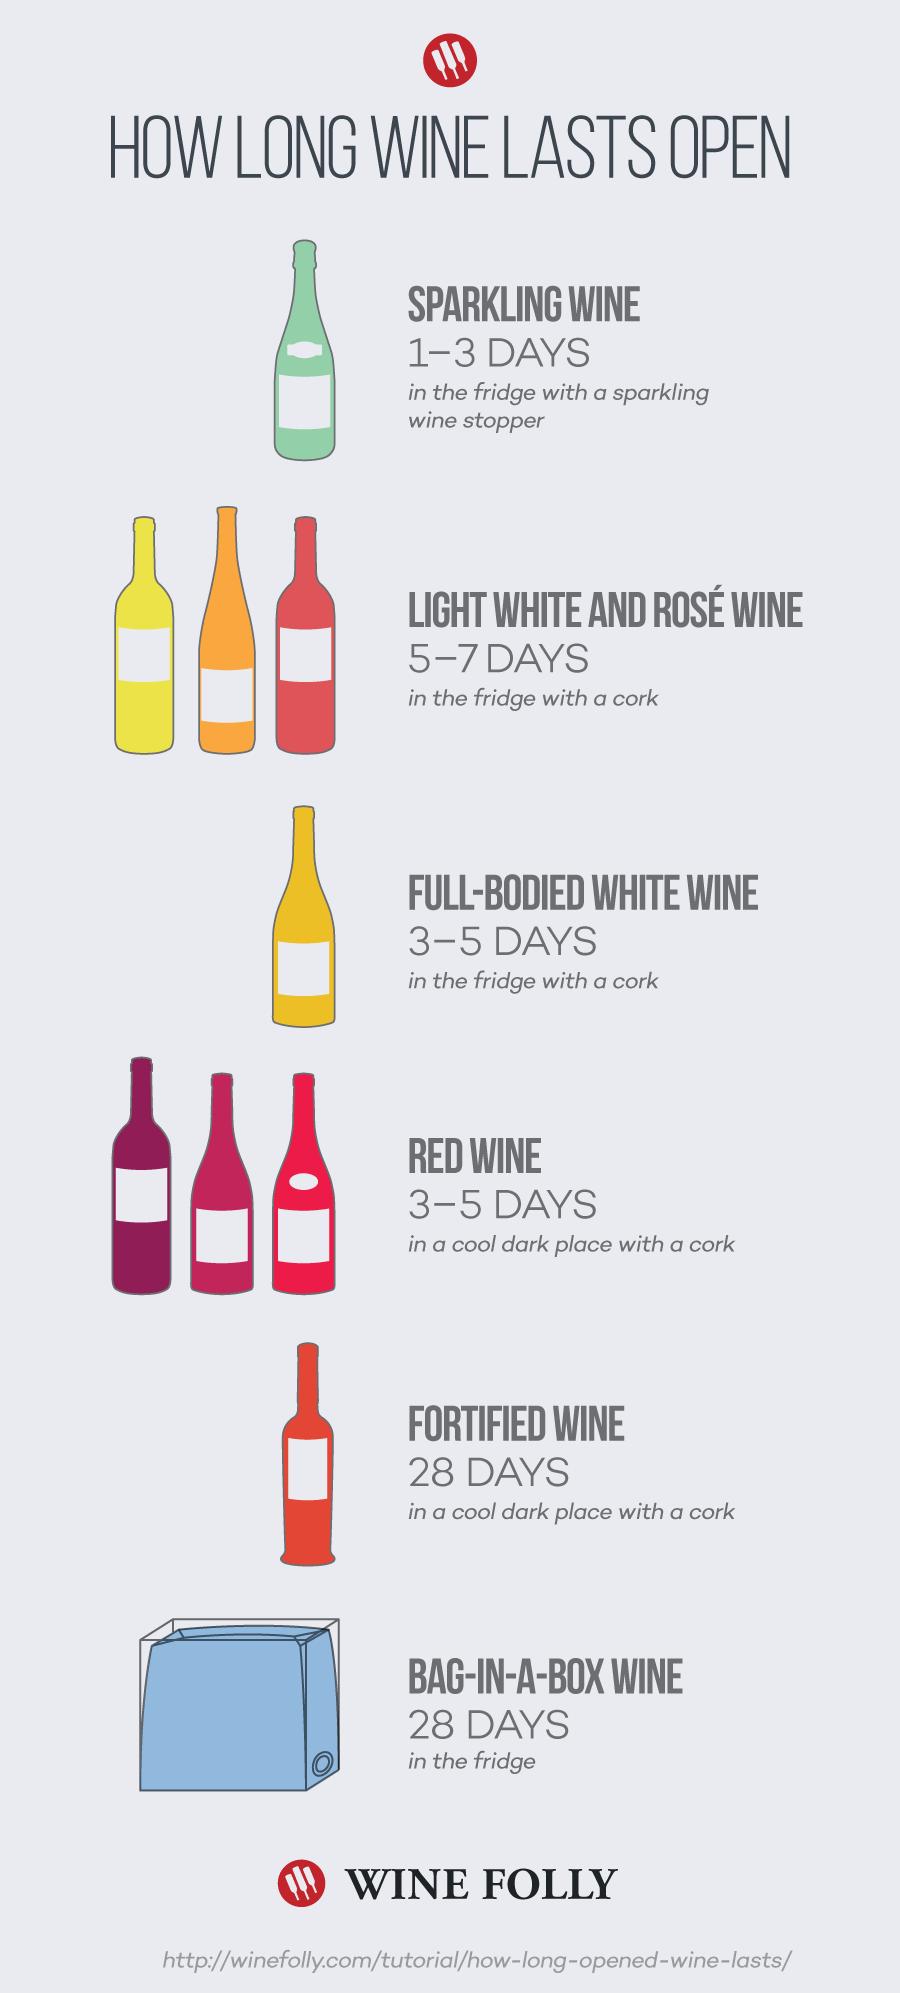 how-long-wine-lasts-open